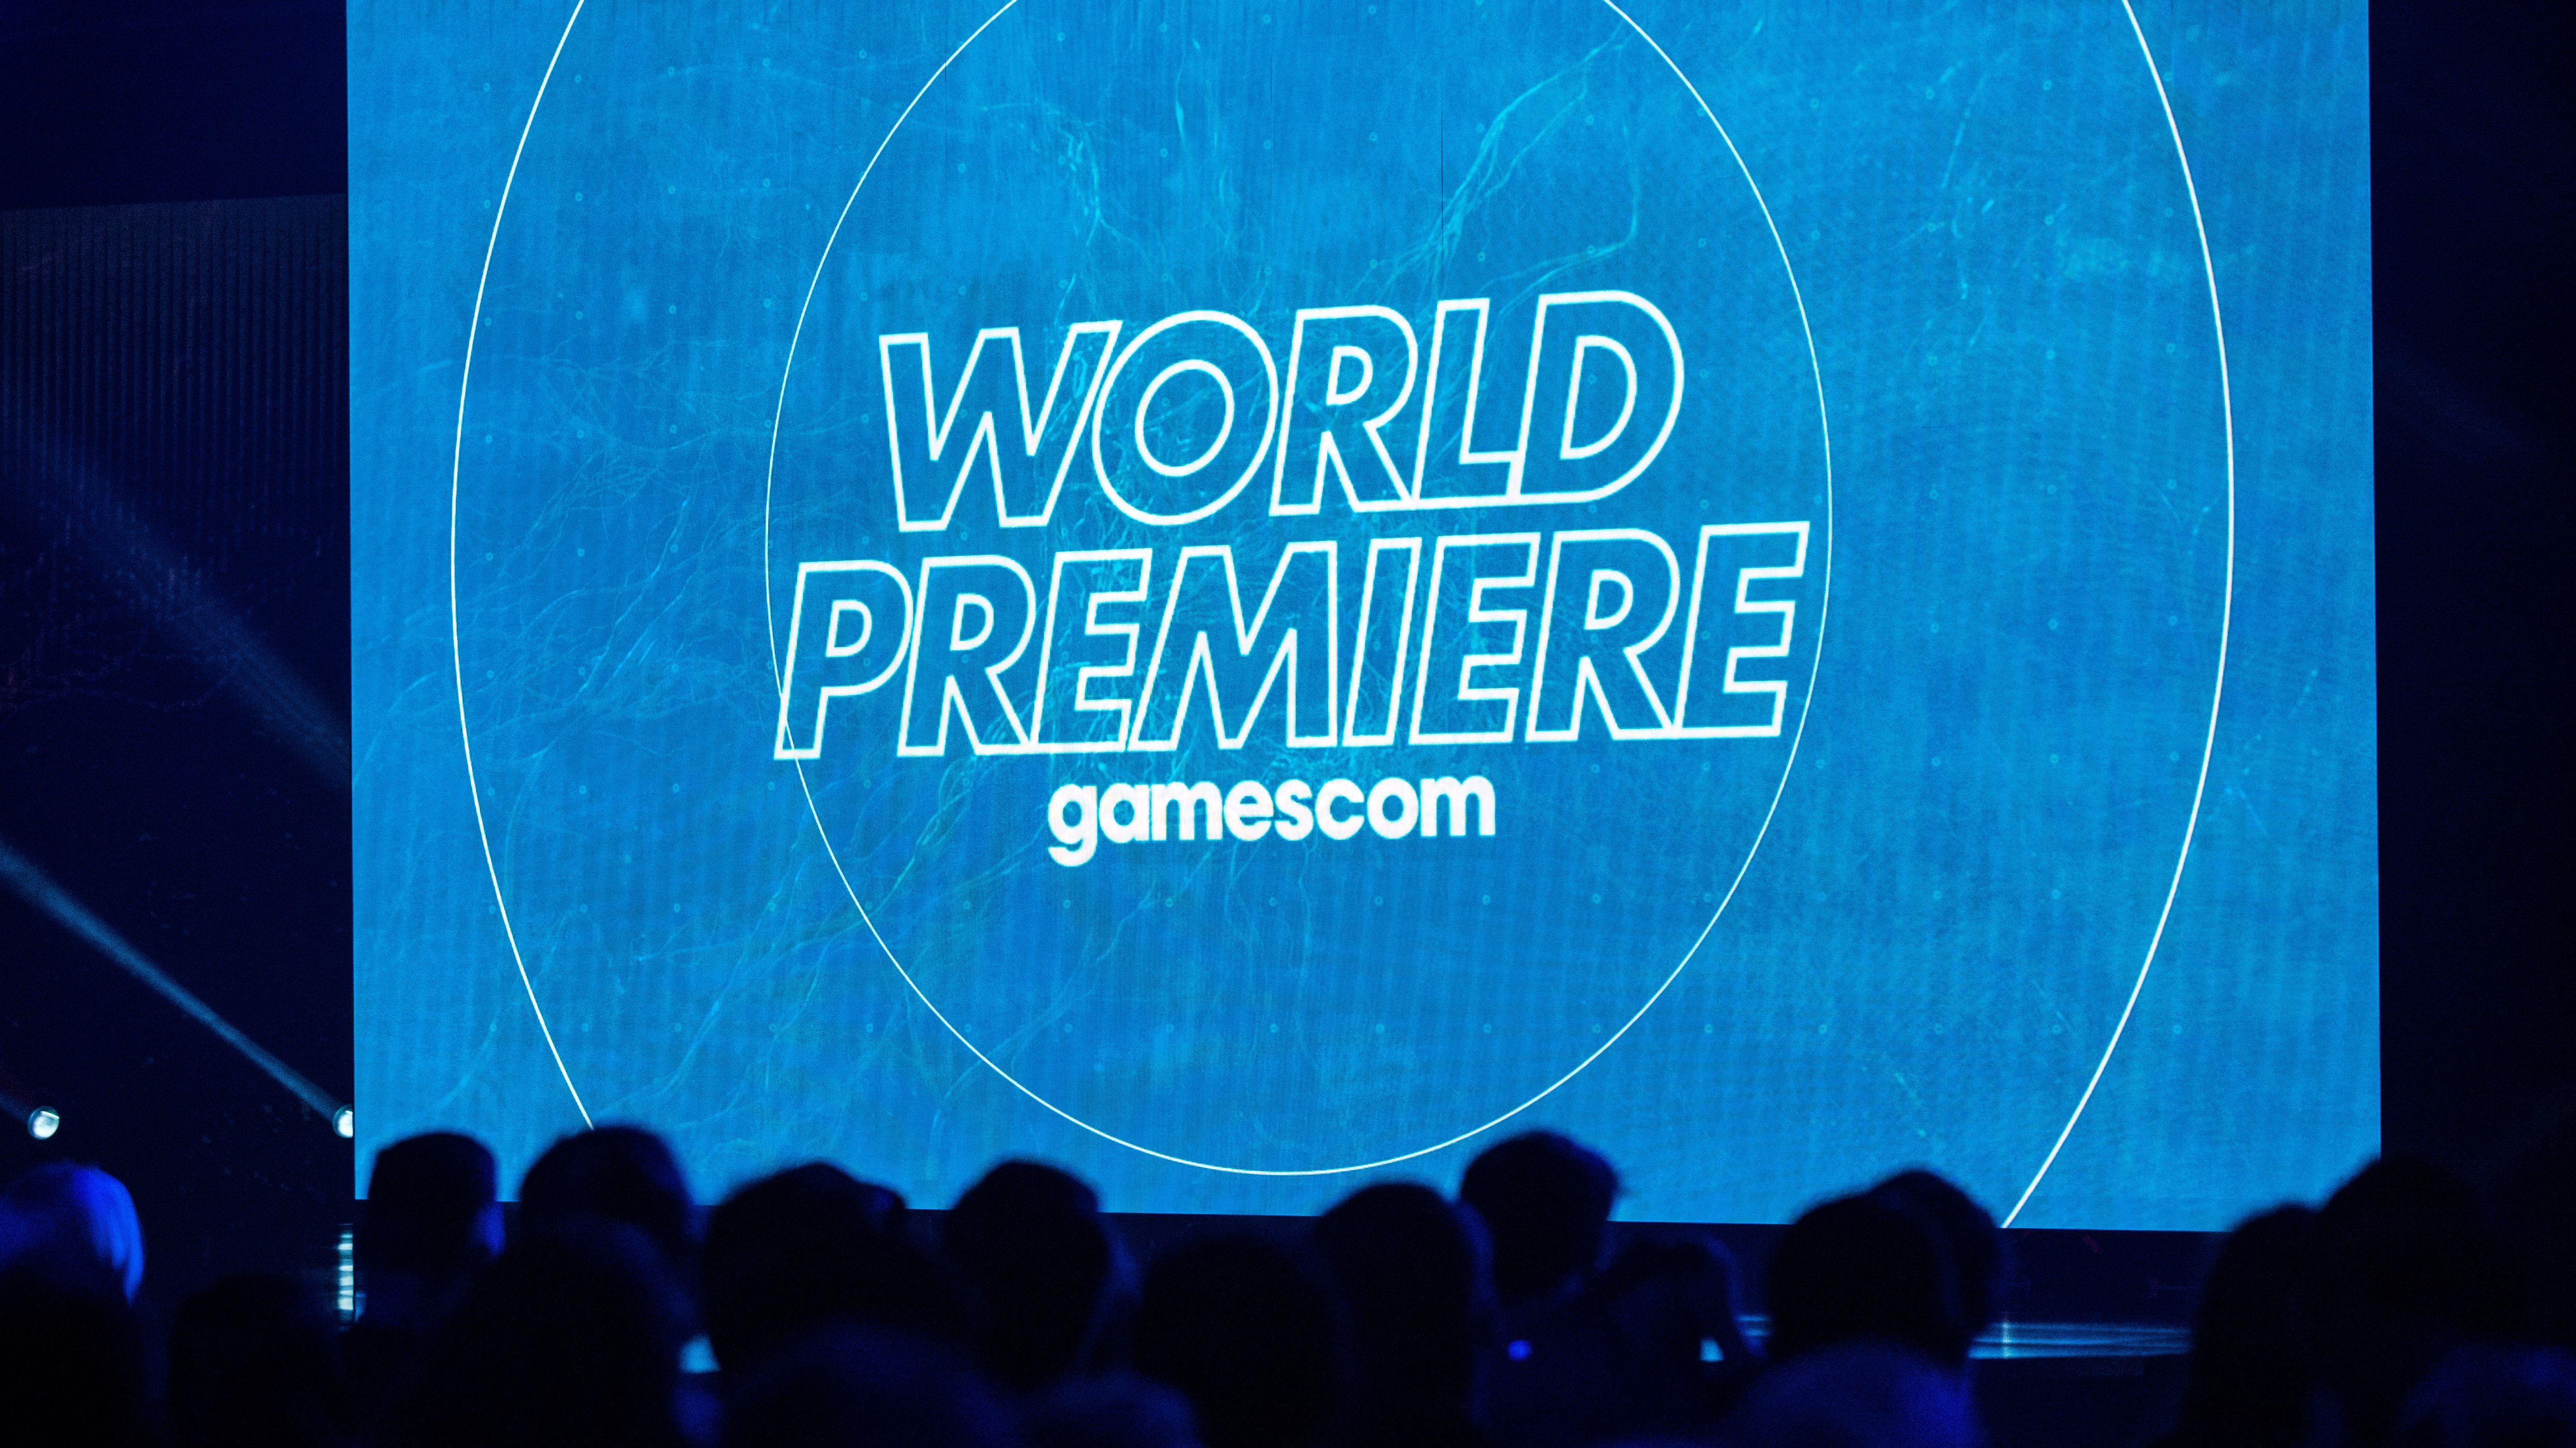 """Auf einer blau erleuchteten Kino-Leinwand steht """"World Premiere""""."""